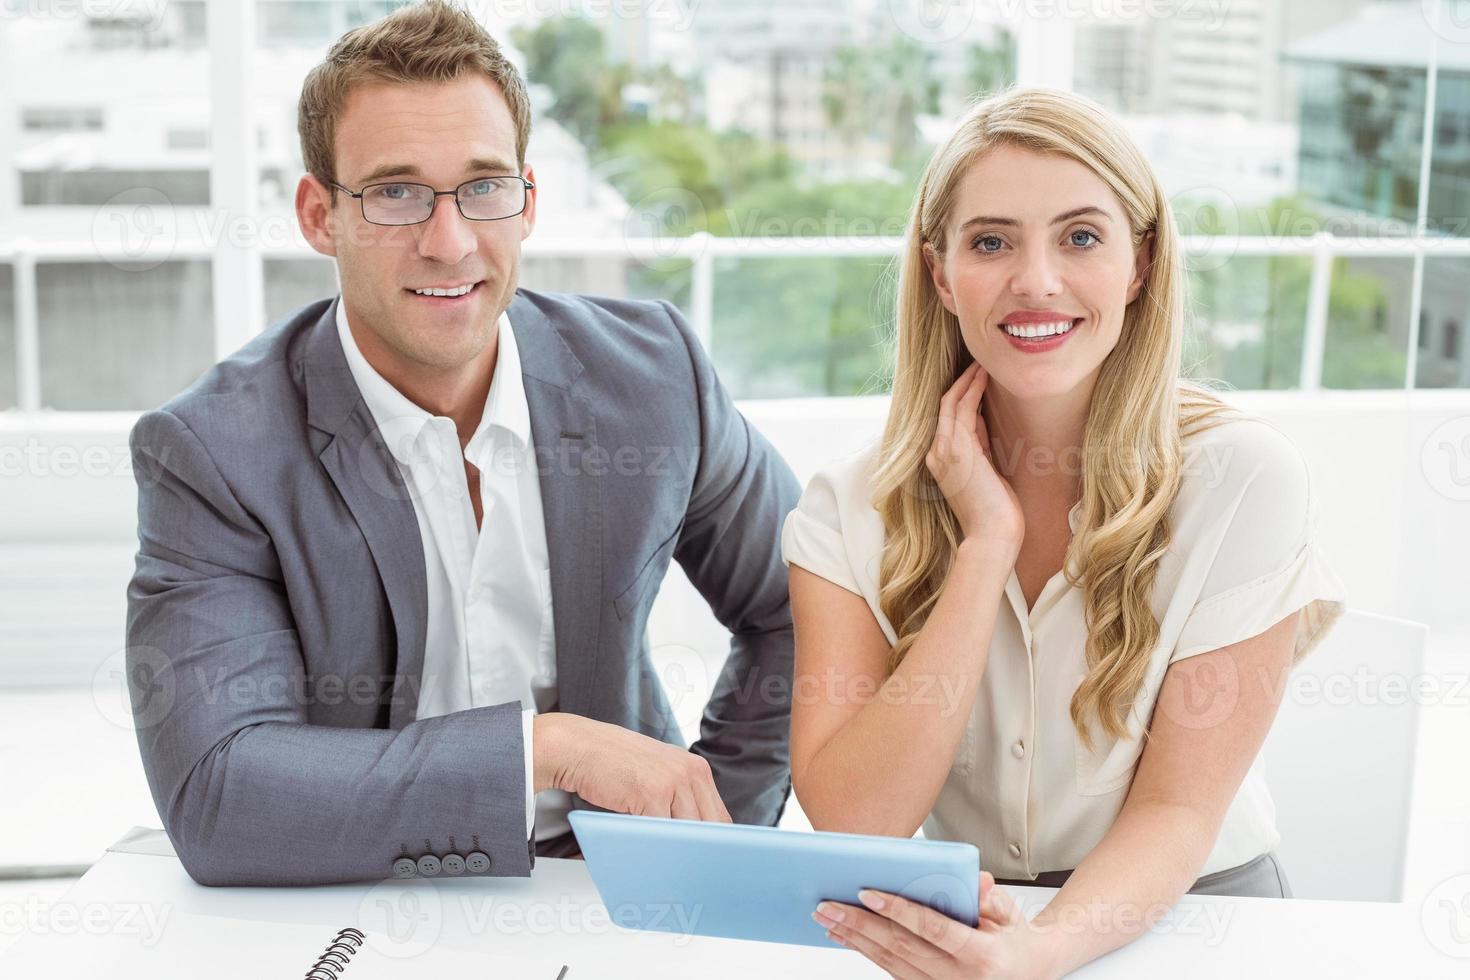 mensen uit het bedrijfsleven met behulp van digitale tablet foto